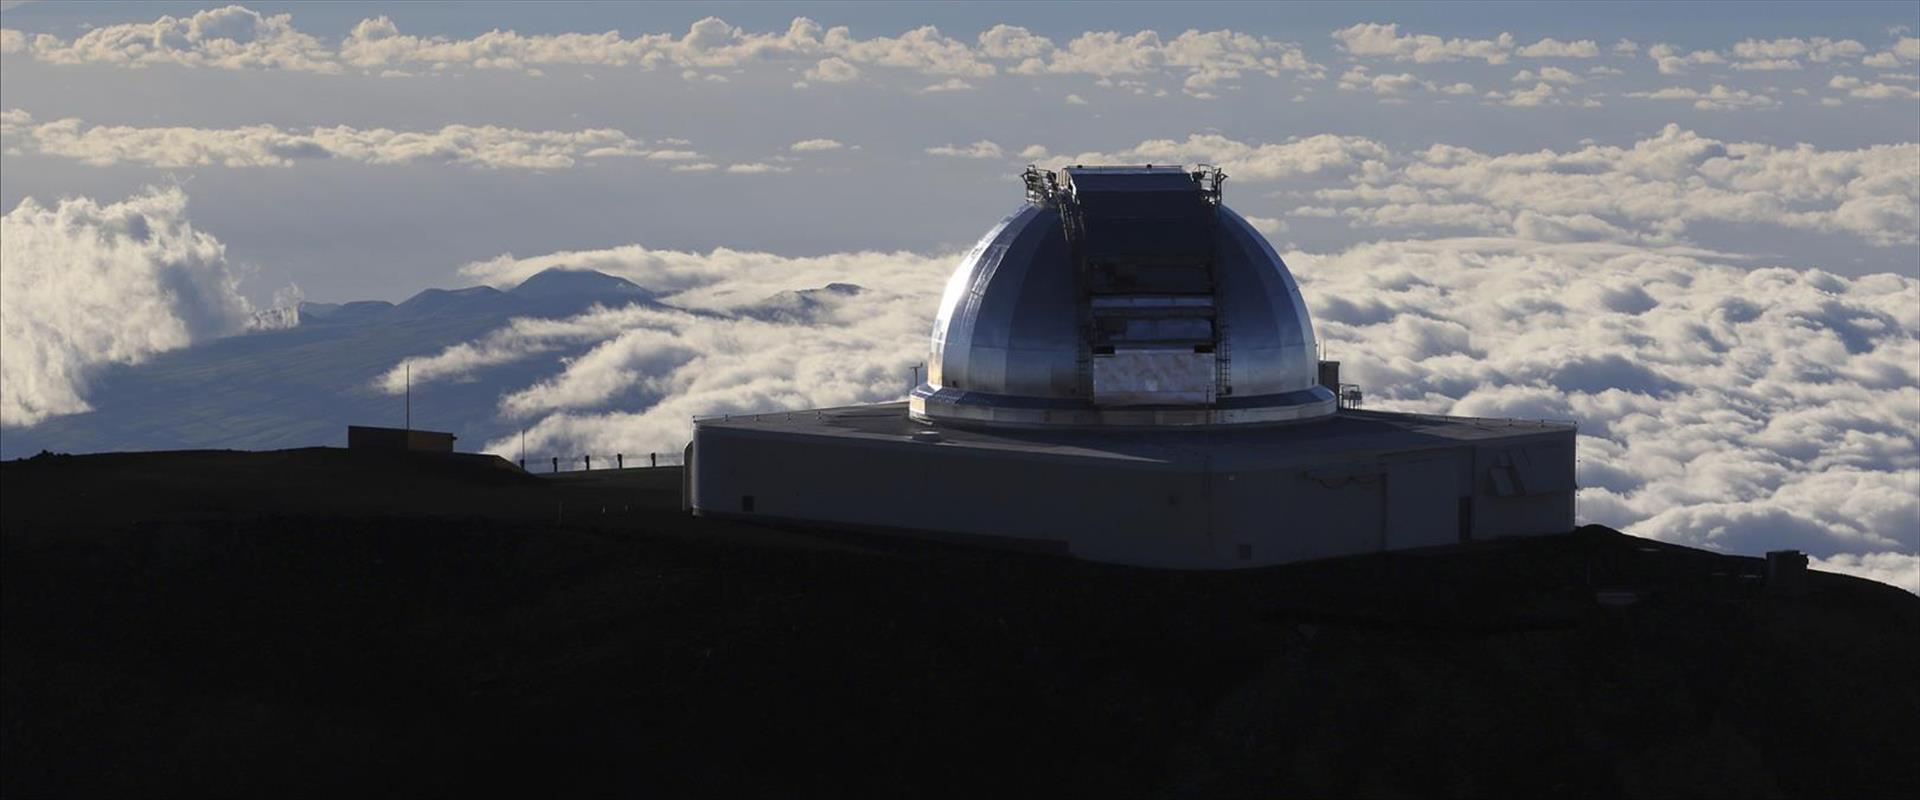 טלסקופ